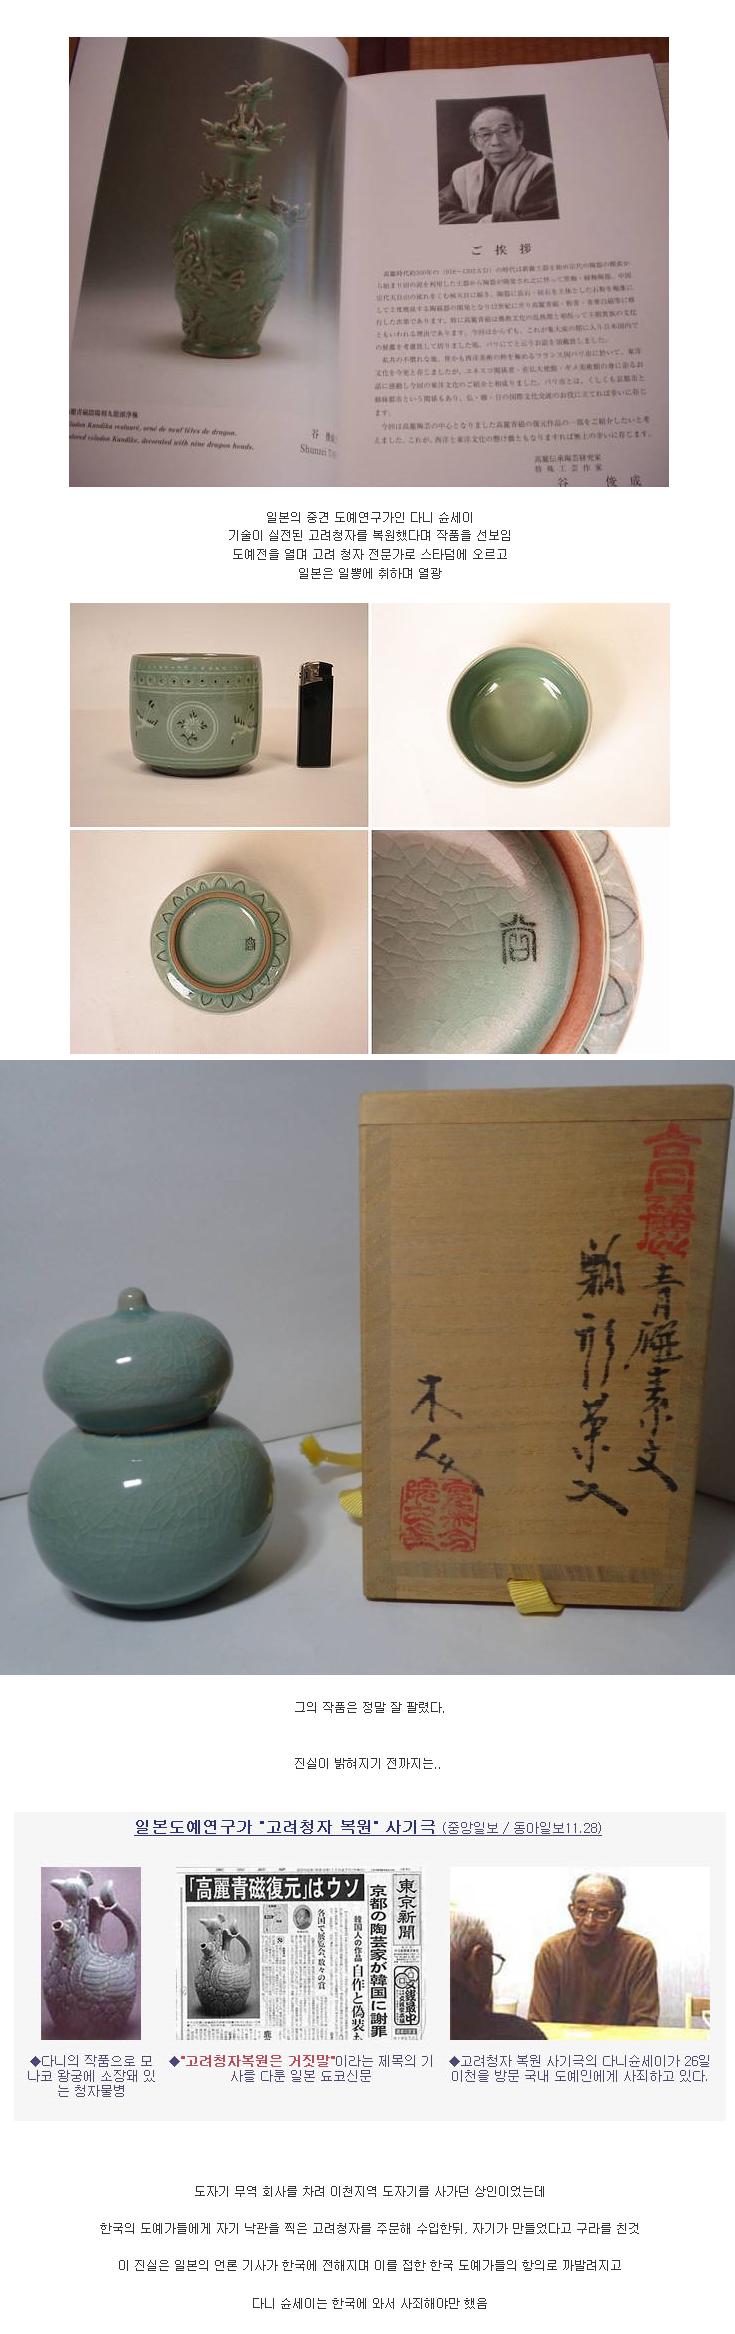 일본 중견 도예 연구 가인 세이 기술 실전 고려청자 복원 작품 예전 고려 청자 전문가 스타덤